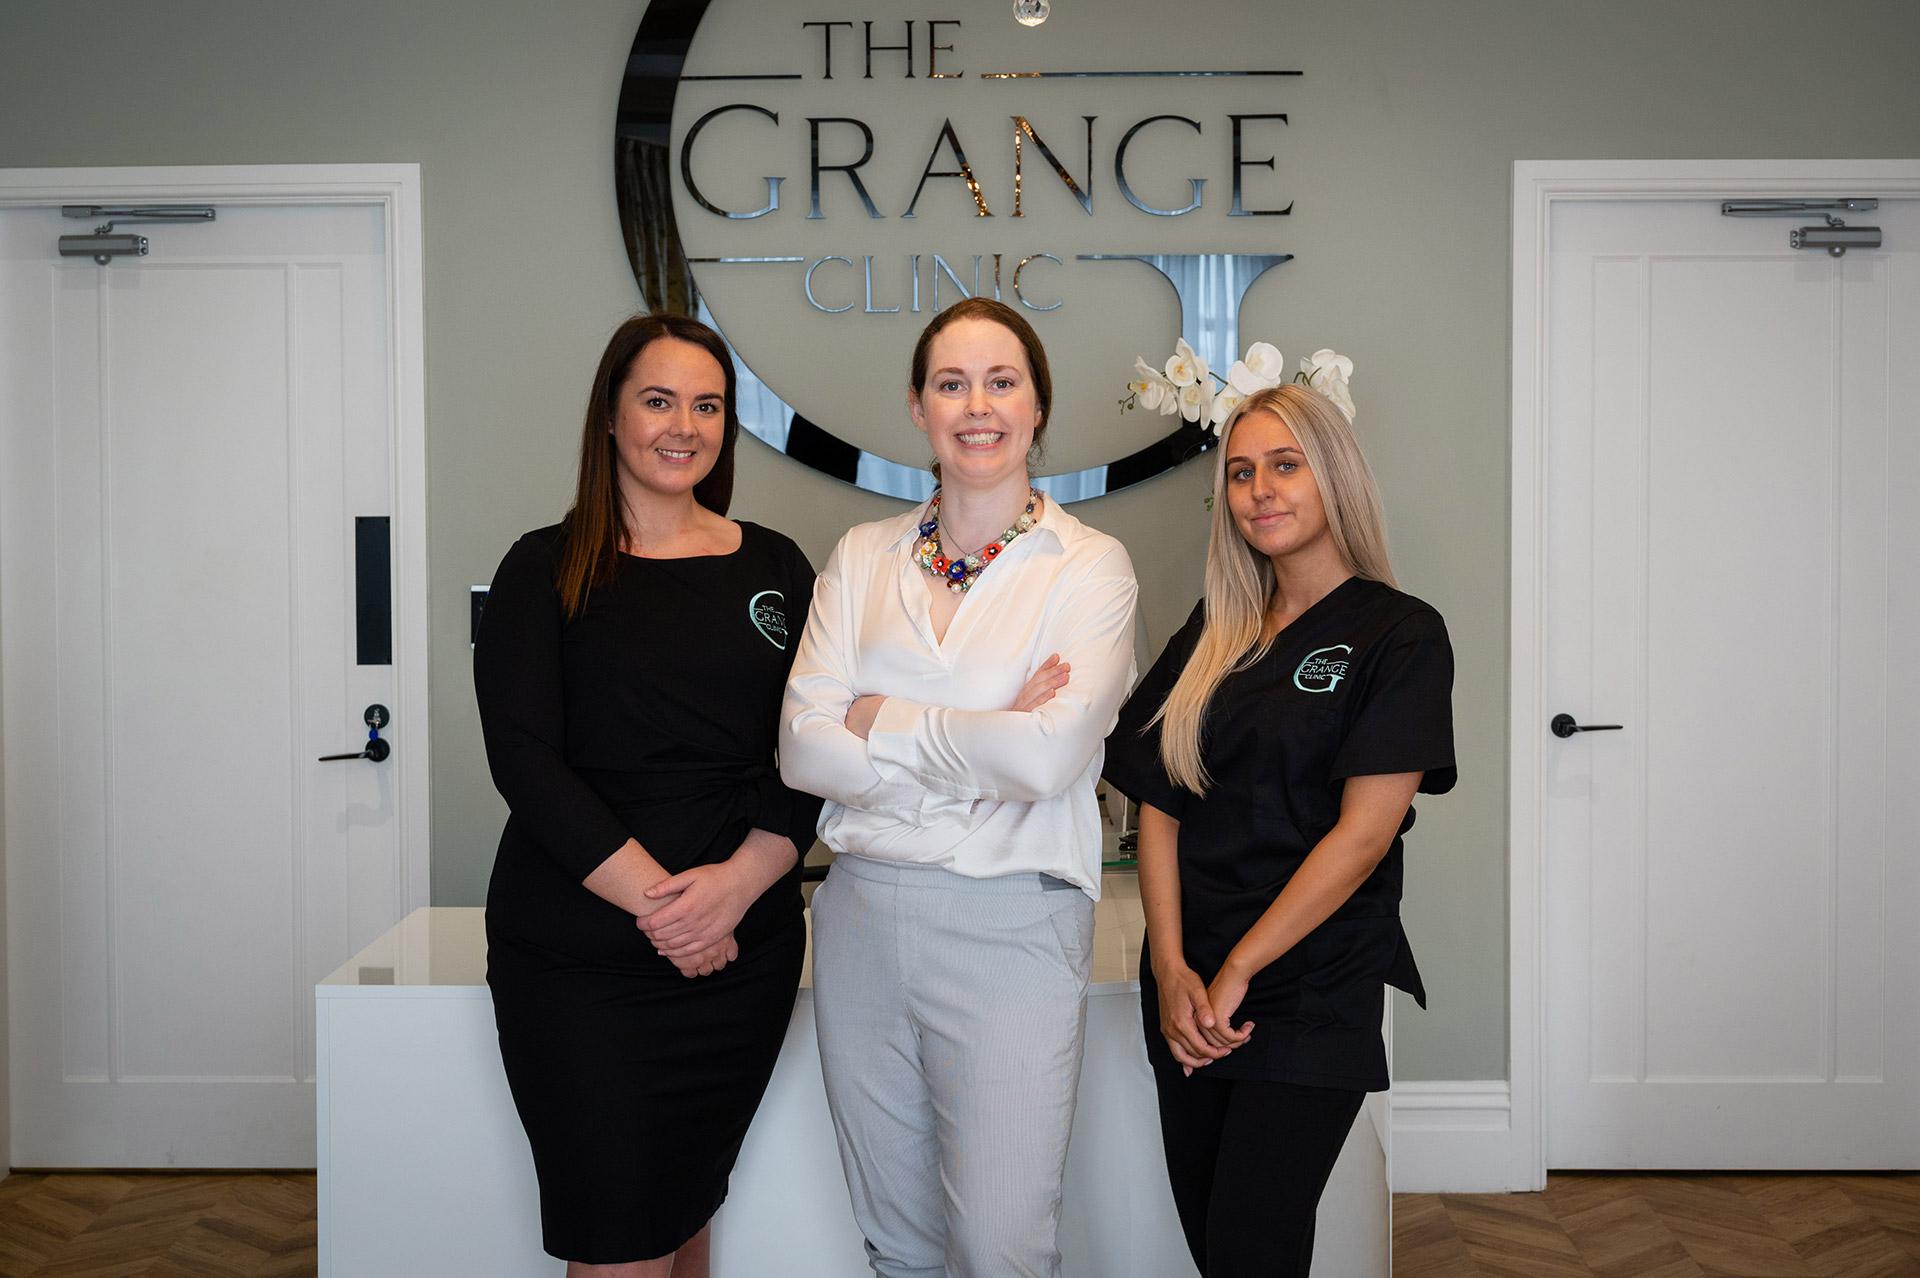 The Grange Clinic Team - Mrs Harper-Machin, Michelle & Elishka